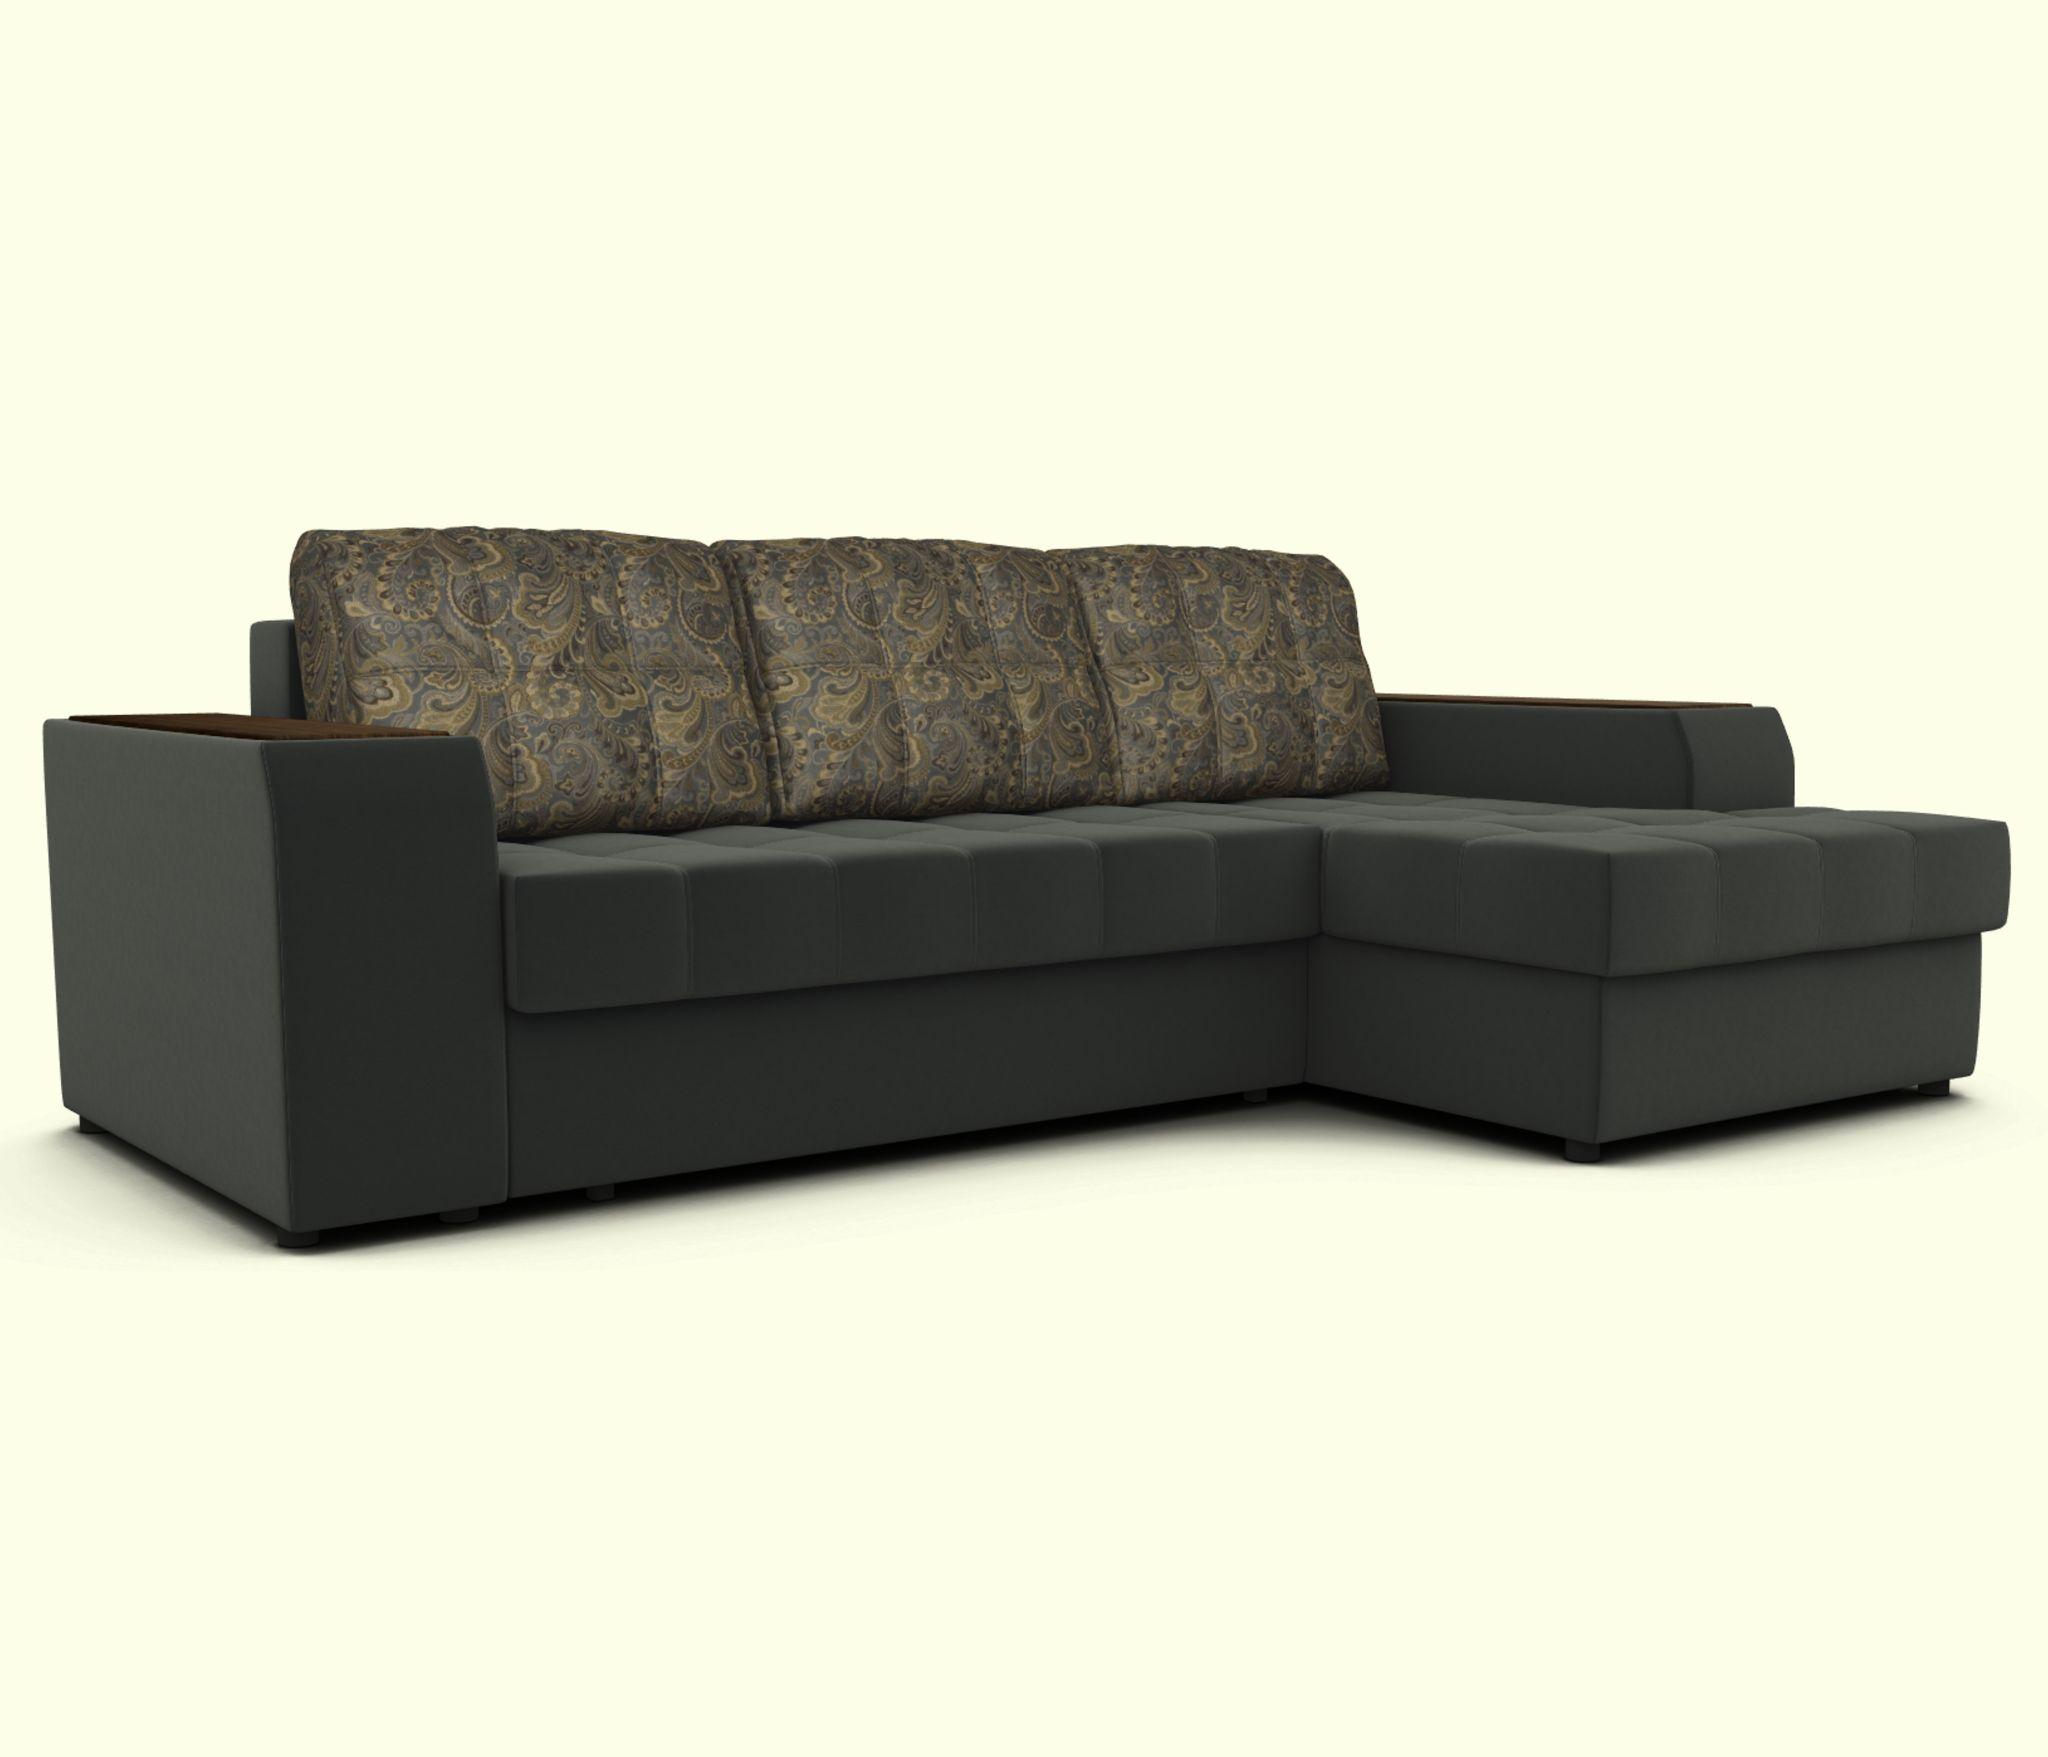 Угловой диван ЭДИНБУРГ с оттоманкой правый Столплит R0000248535